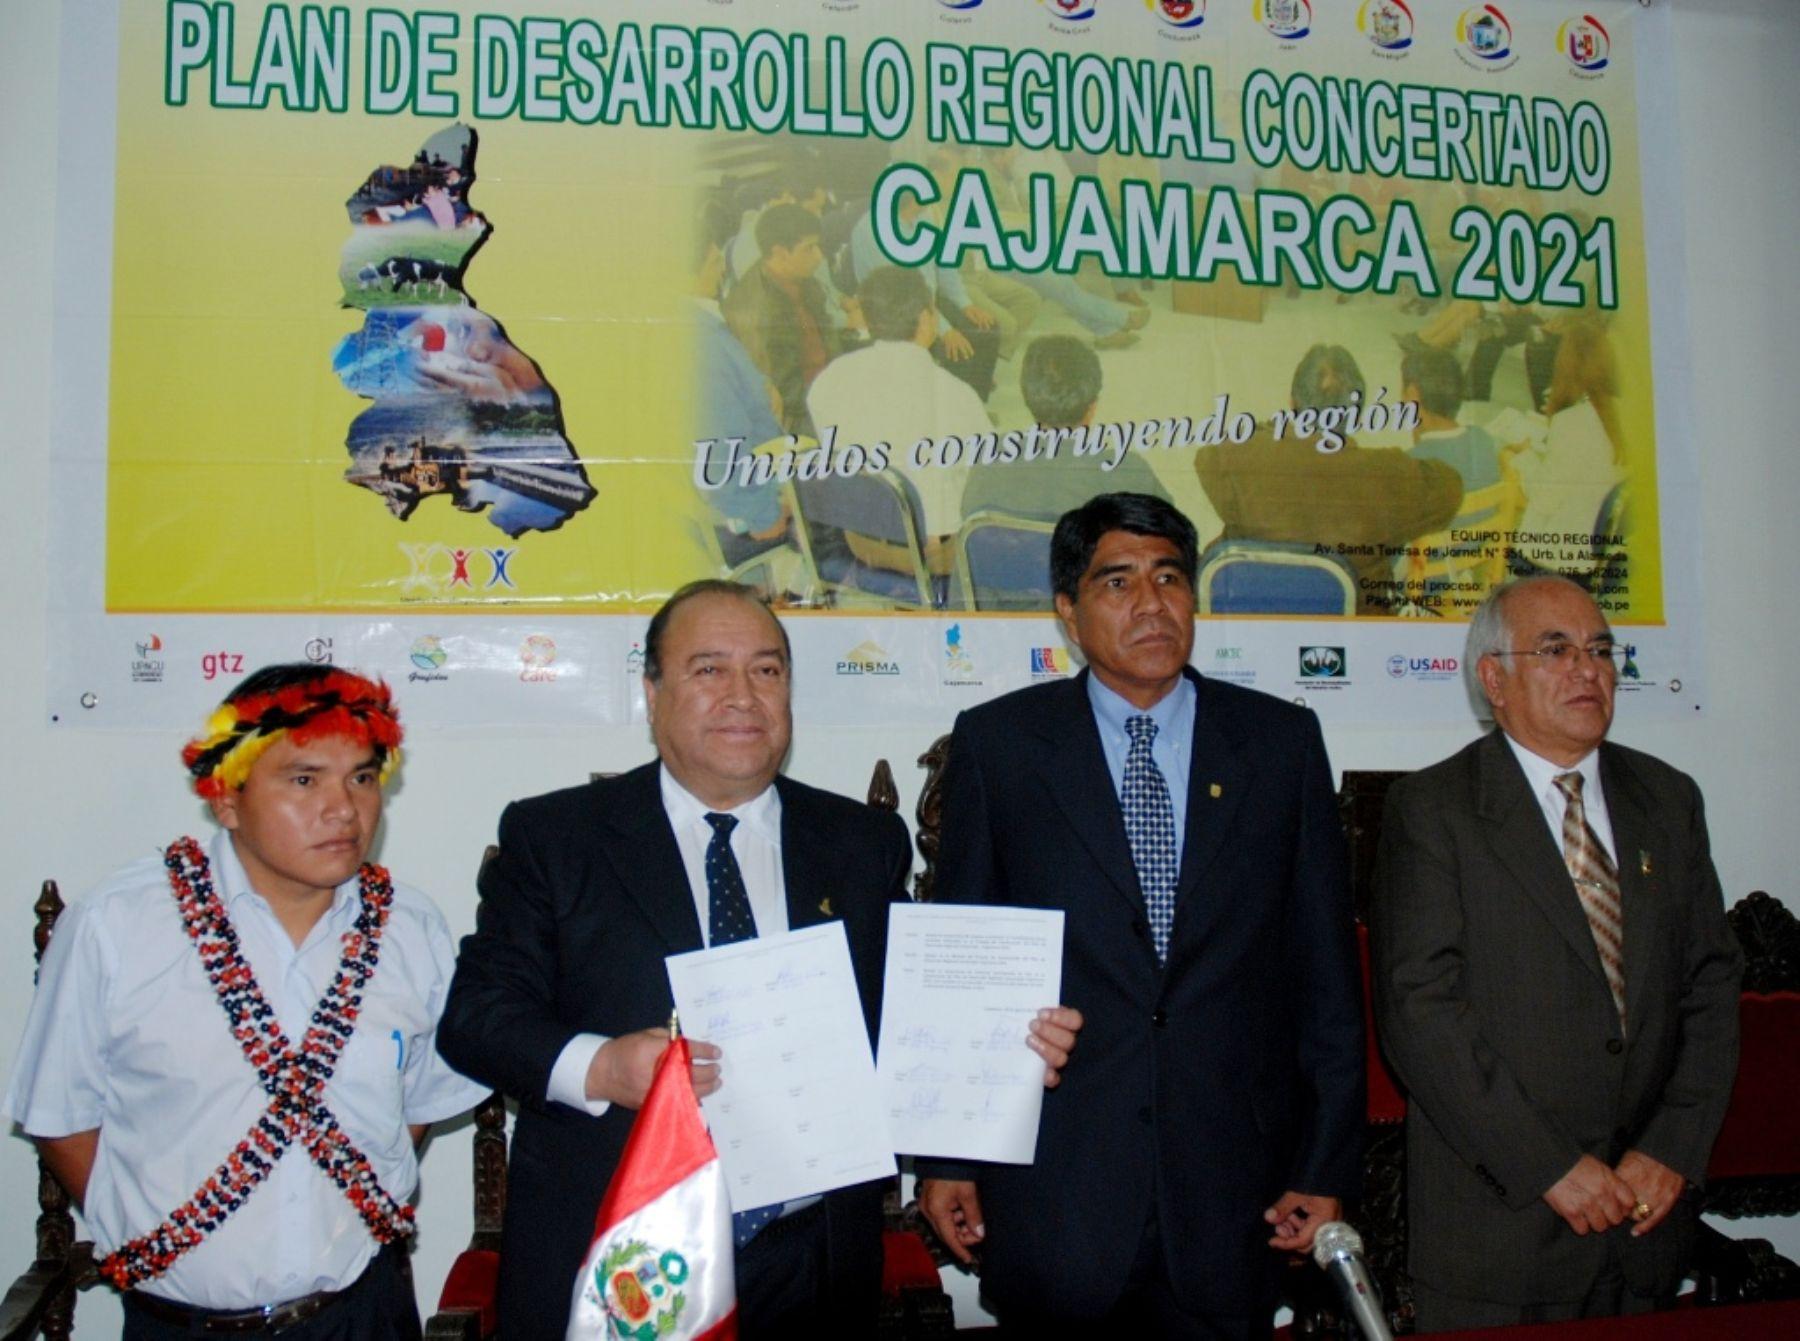 El presidente regional de Cajamarca, Jesús Coronel Salirrosas, presentó hoy Plan de Desarrollo Regional Concertado 2021. Foto: ANDINA / Eduard Lozano.